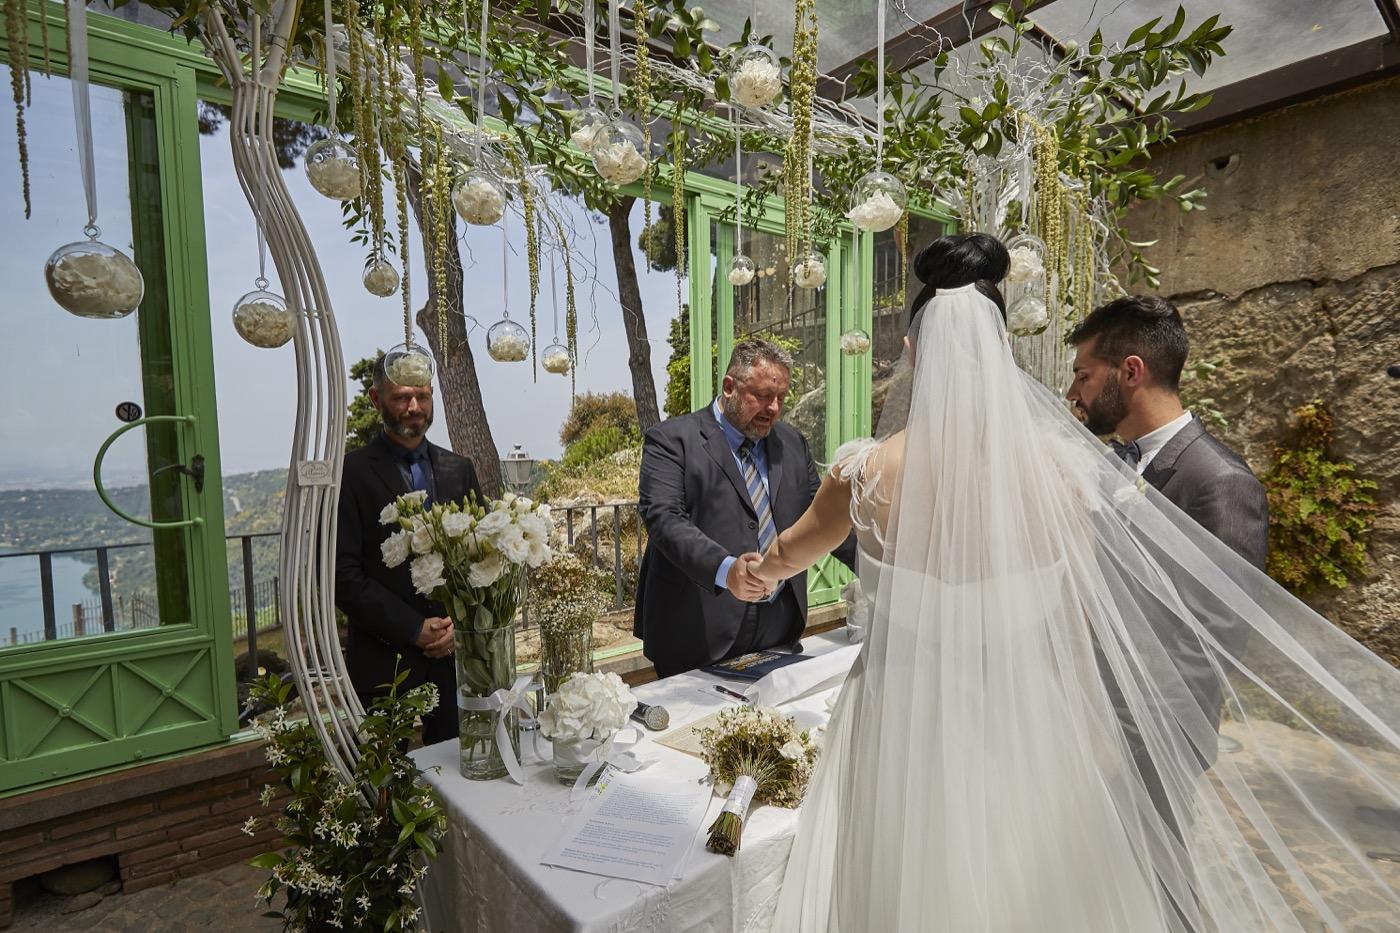 Claudio-Coppola-wedding-photographer-villa-del-cardinale-rocca-di-papa-castel-gandolfo-43